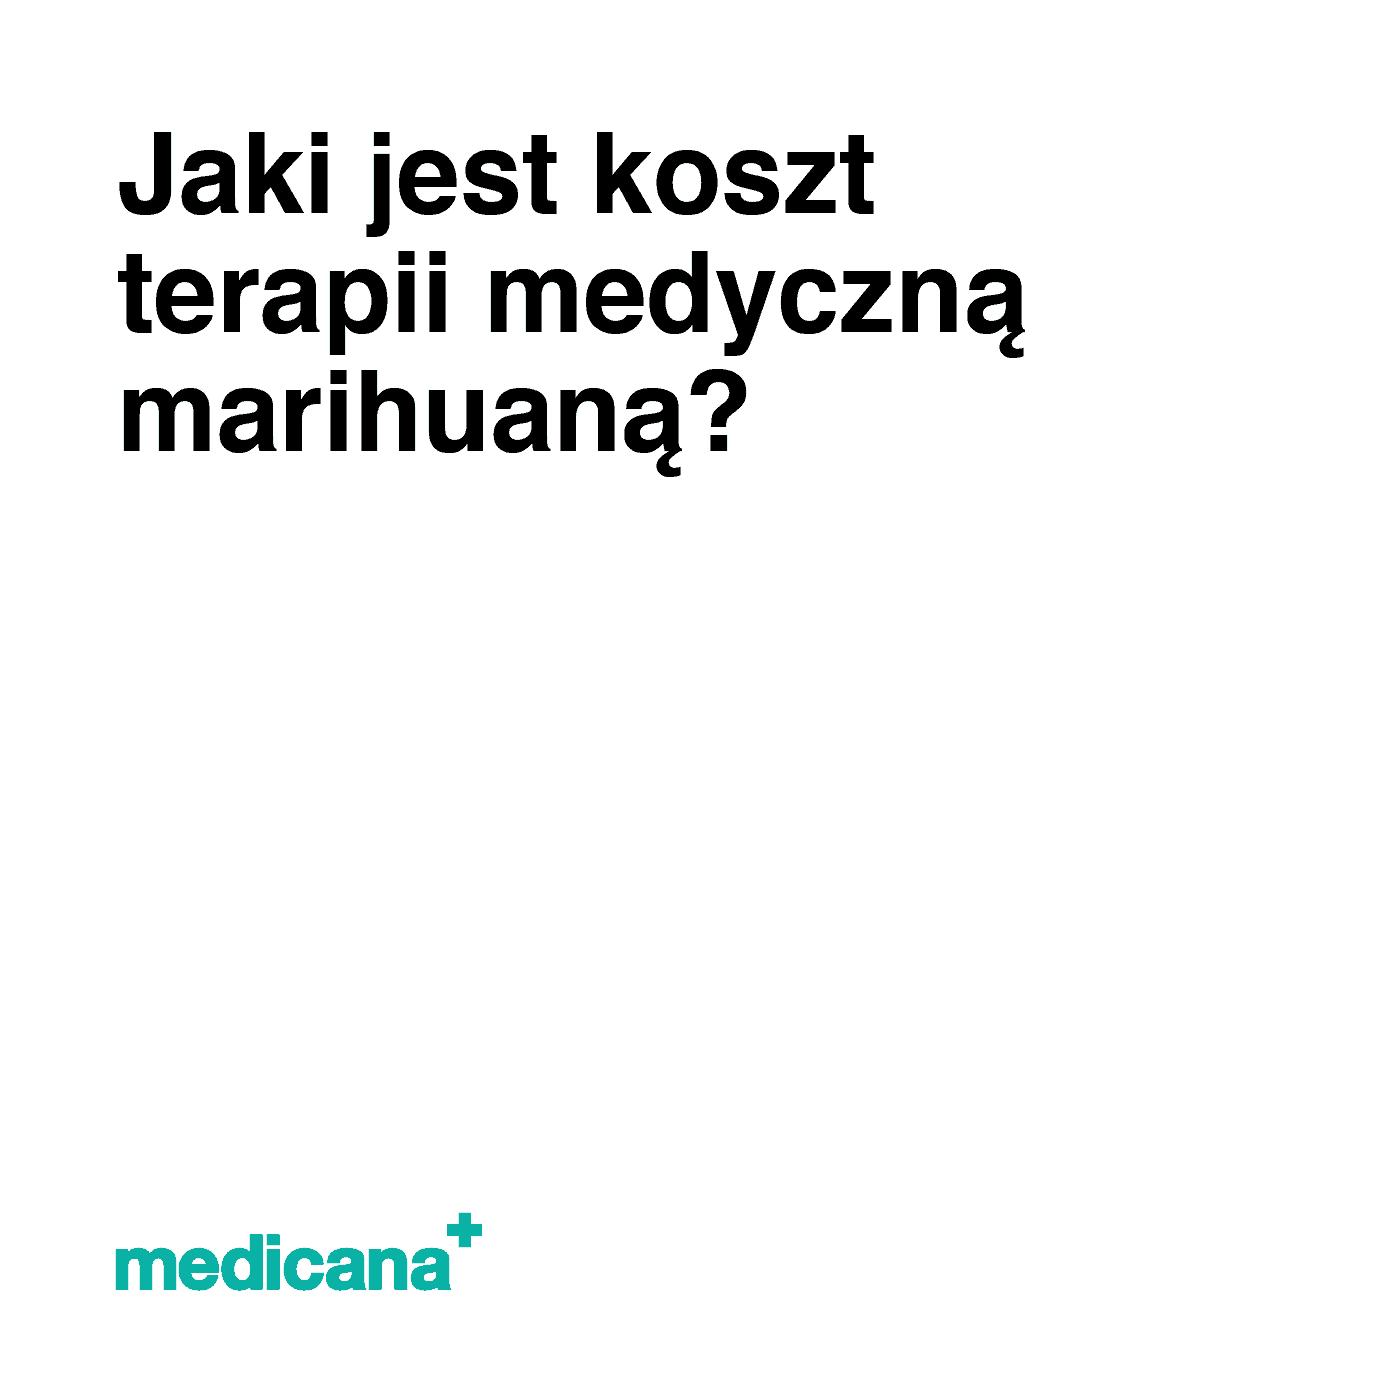 Grafika, białe tło z czarnym napisem Jaki jest koszt terapii medyczną marihuaną? oraz zielonym logo Medicana w lewym dolnym rogu.